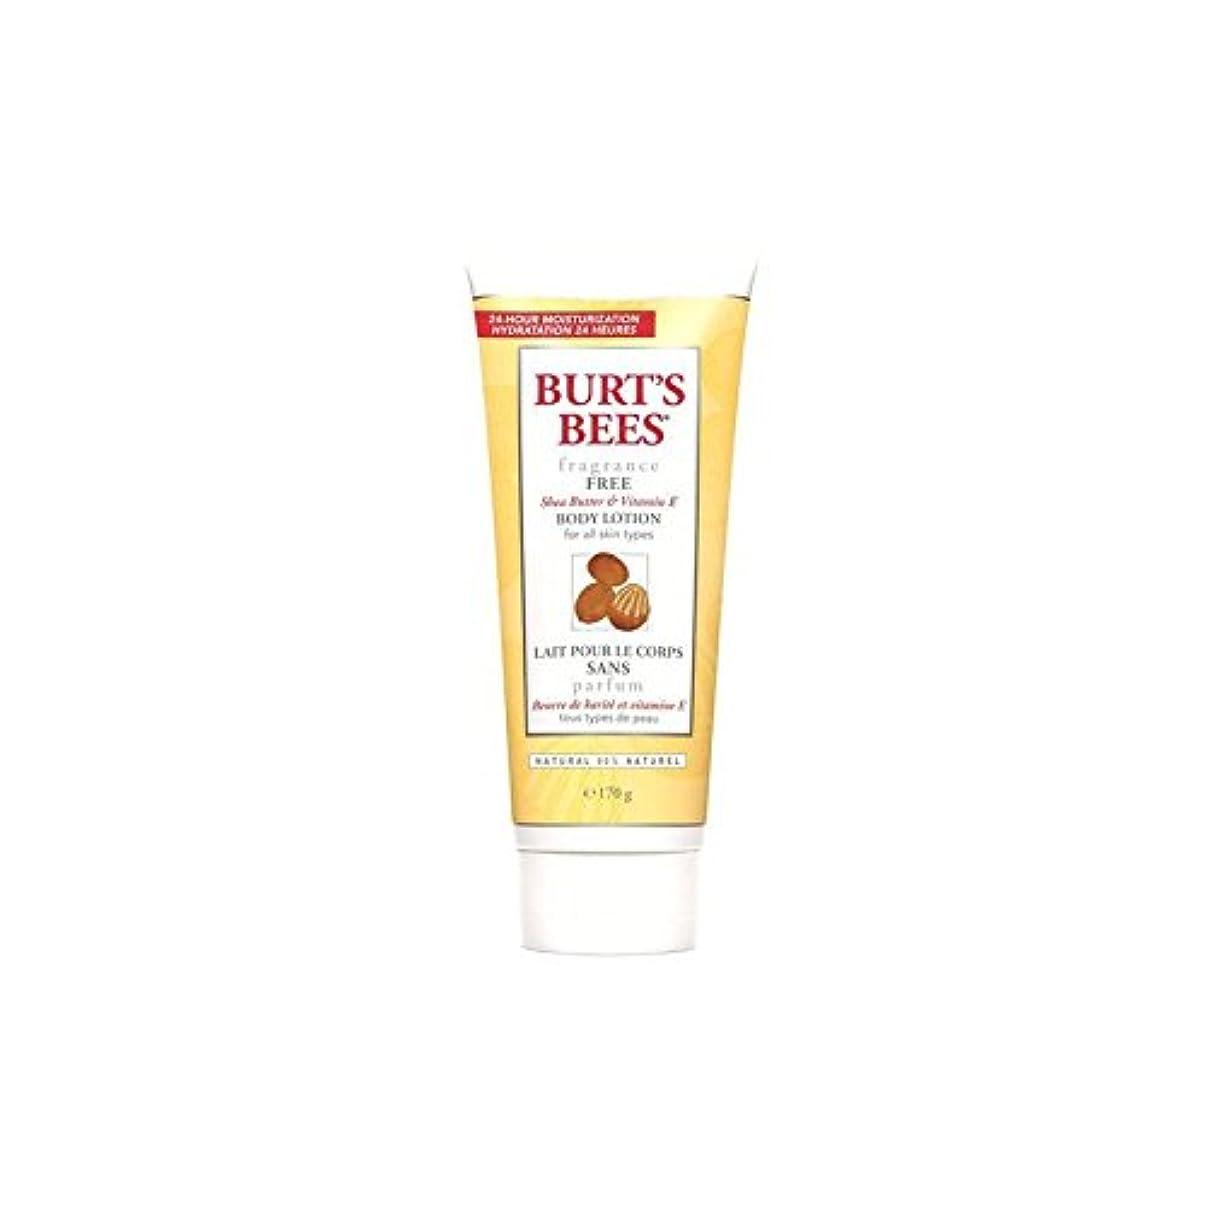 ブランクアトラス裏切り者バーツビーボディローション - 無香料6オンス x4 - Burt's Bees Body Lotion - Fragrance Free 6fl oz (Pack of 4) [並行輸入品]